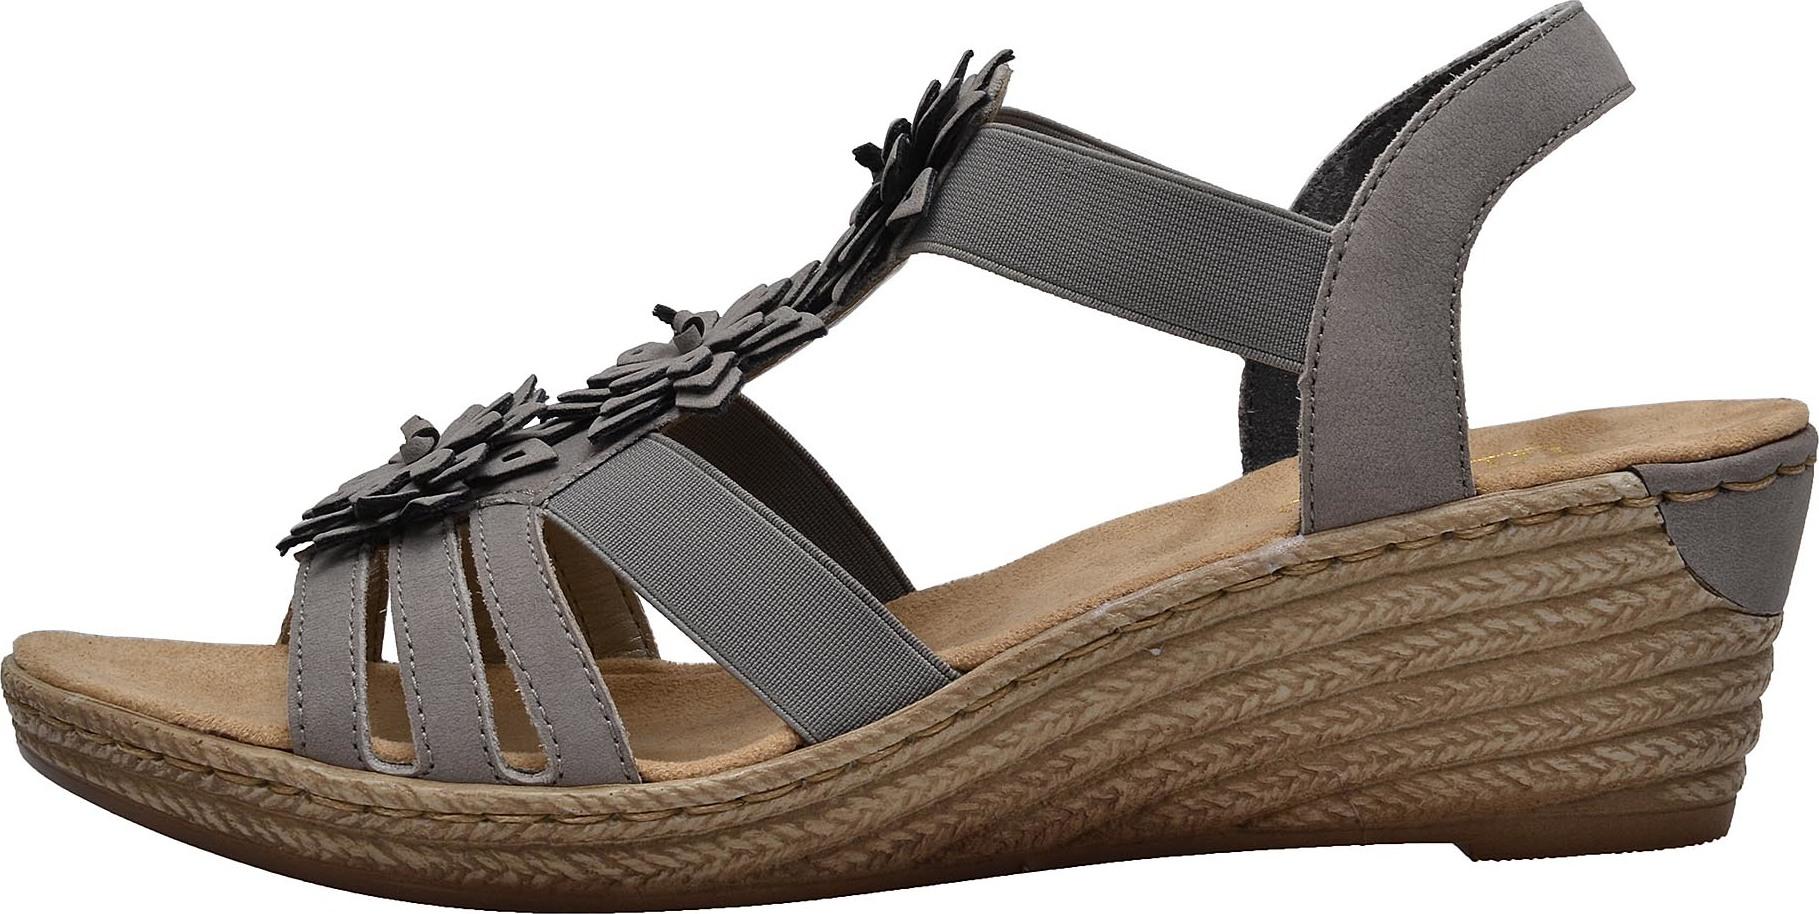 3e306fc47 Dámská obuv RIEKER 62461/43 GRAU F/S 8 – Rieker Antistress